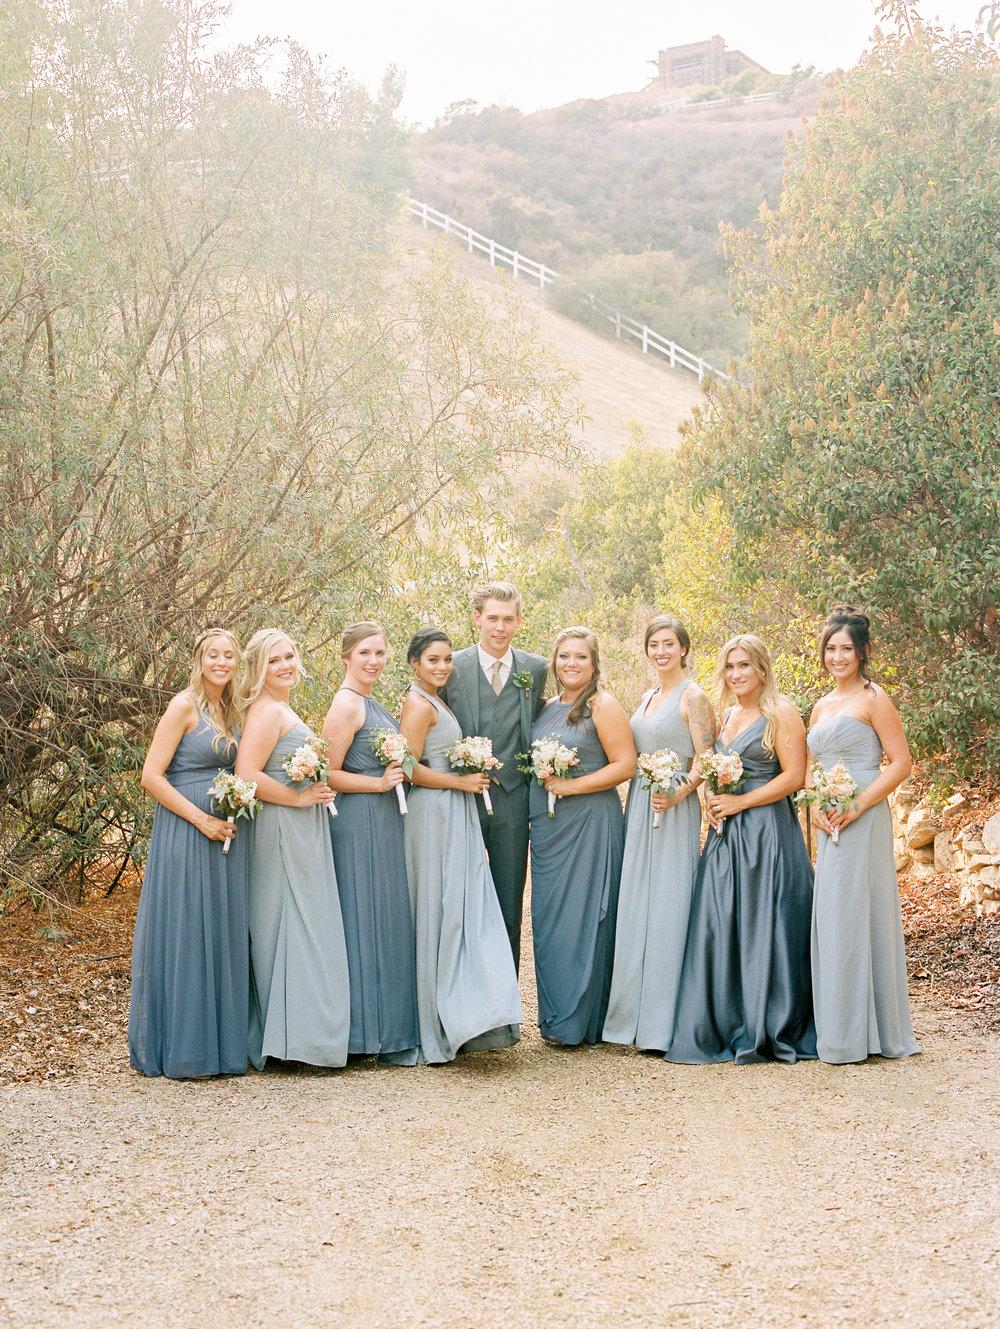 dennisroycoronel_ashleyanthony_vanessahudgens_austinbutler_wedding_losangeles_photographer-127.jpg